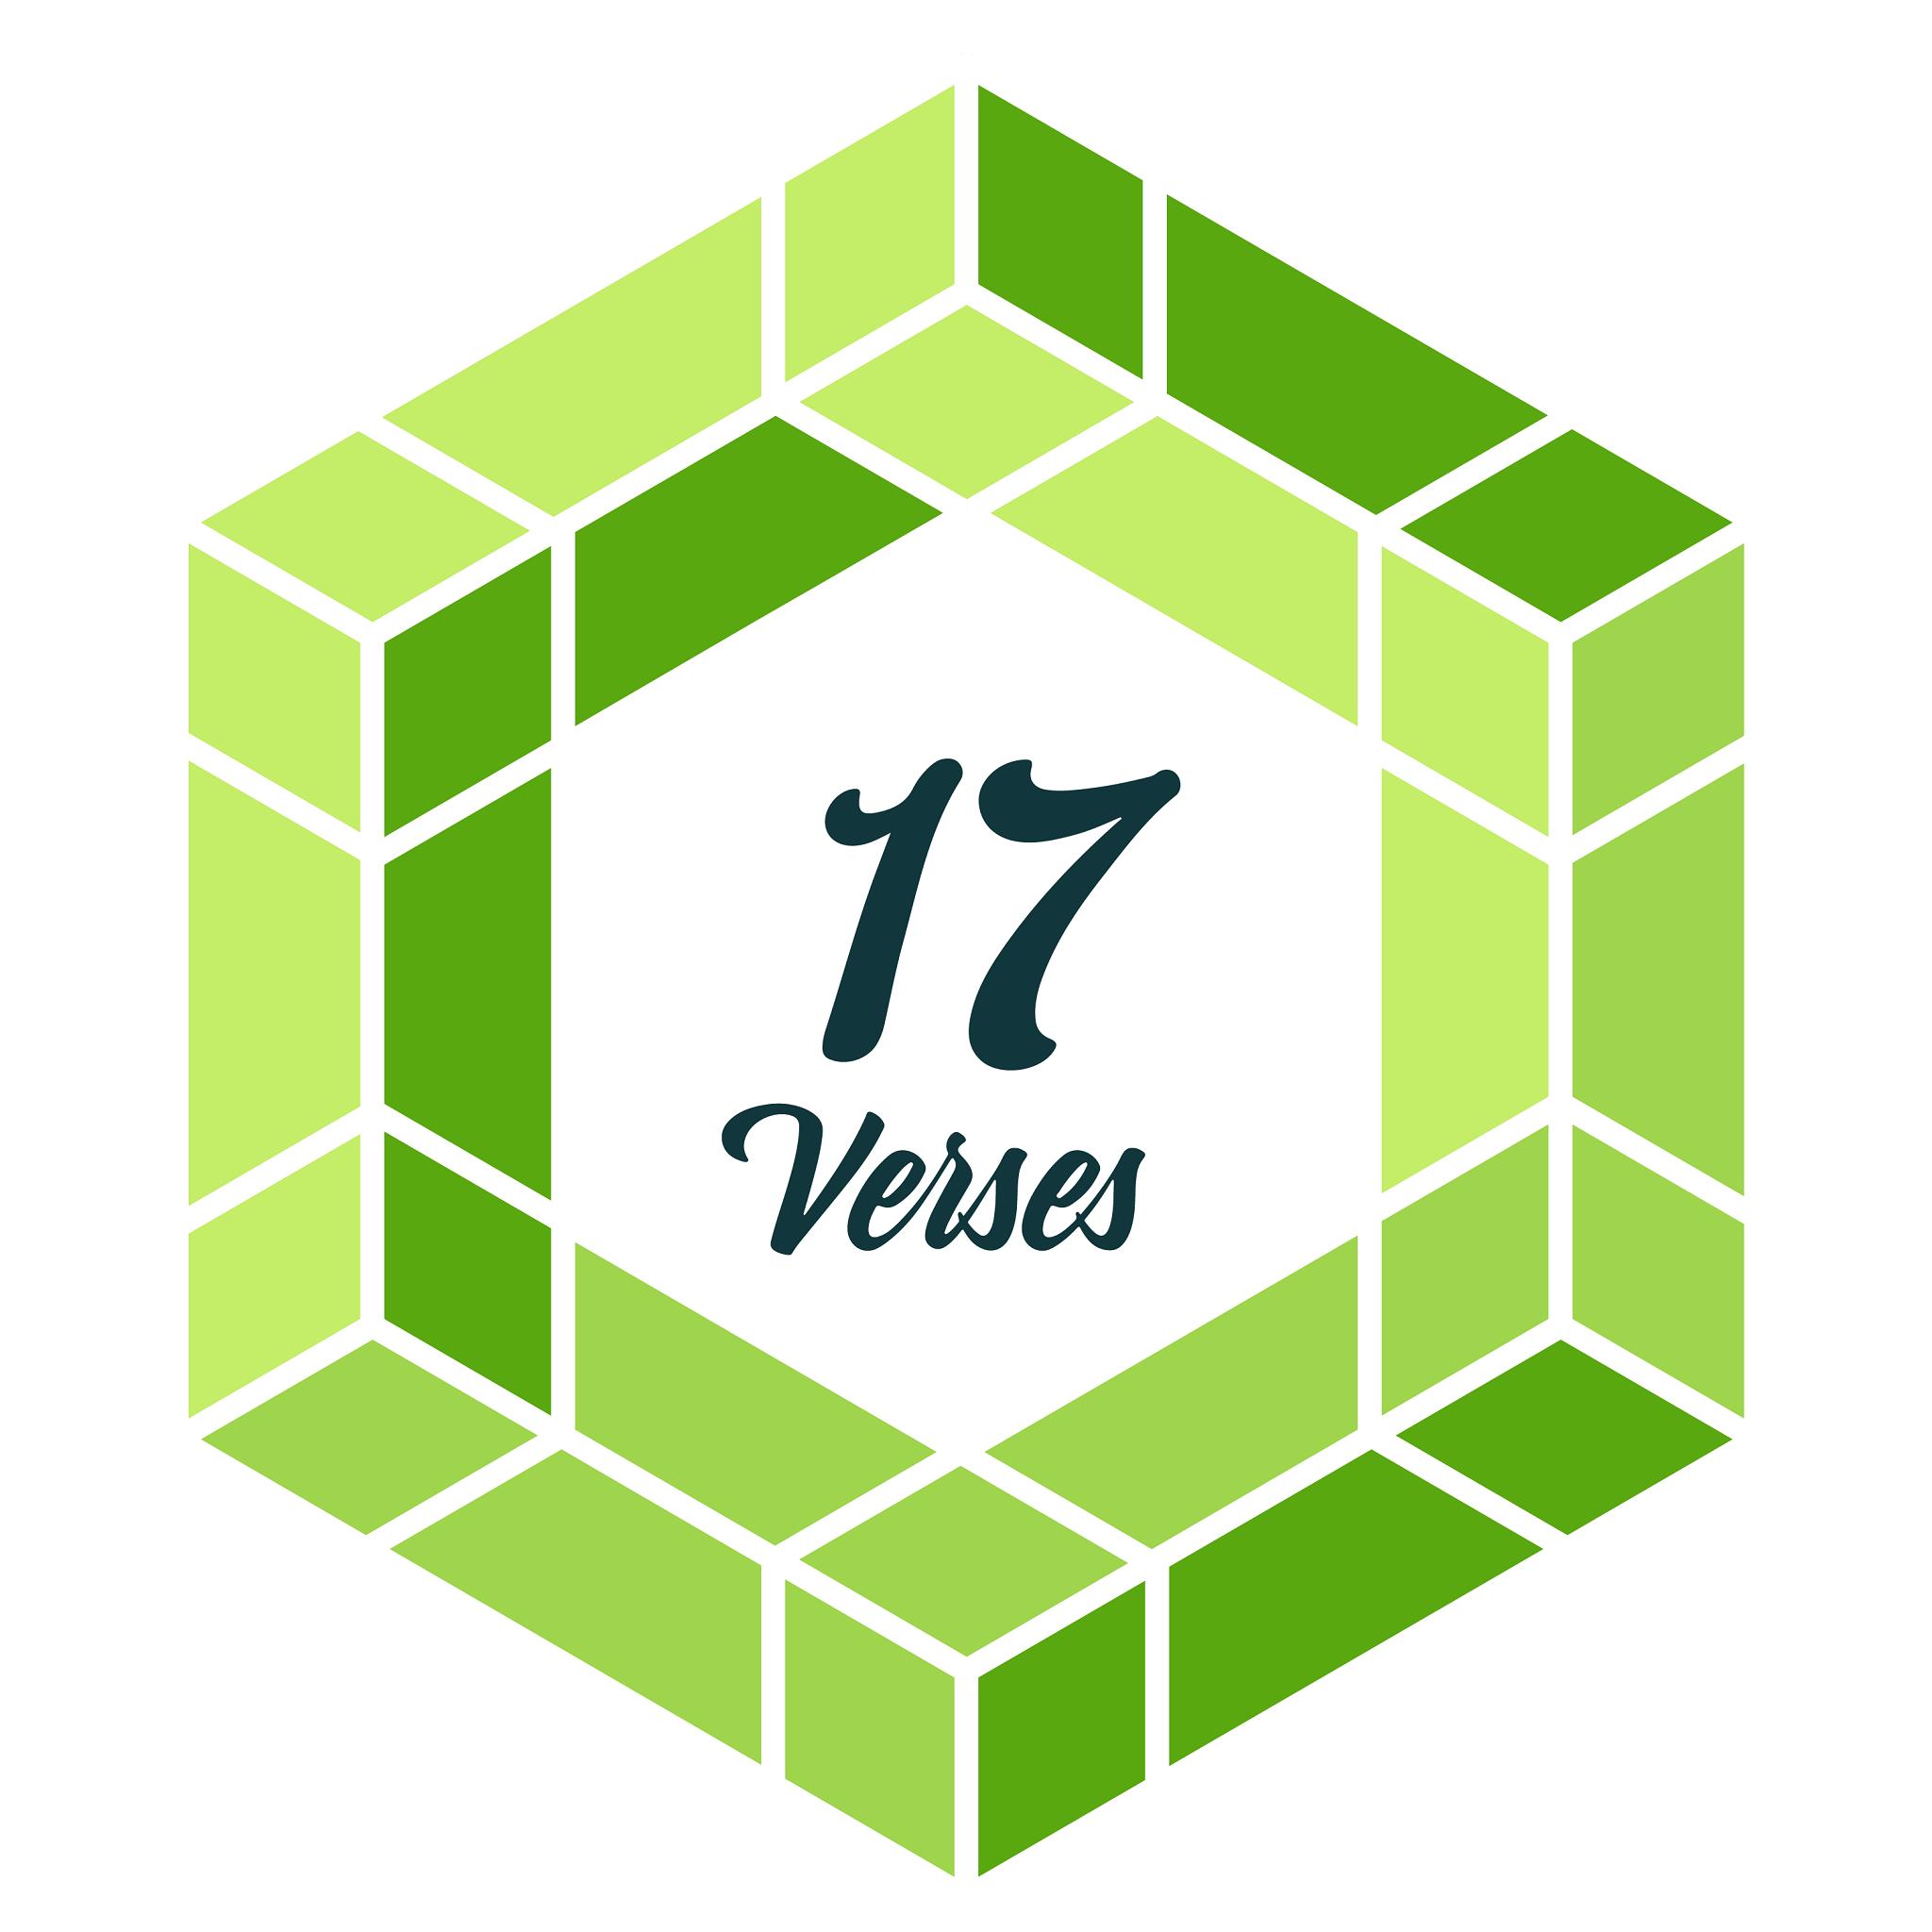 Year 2 - Surah 5 (Al-Mâ'idah), Verses 20-34